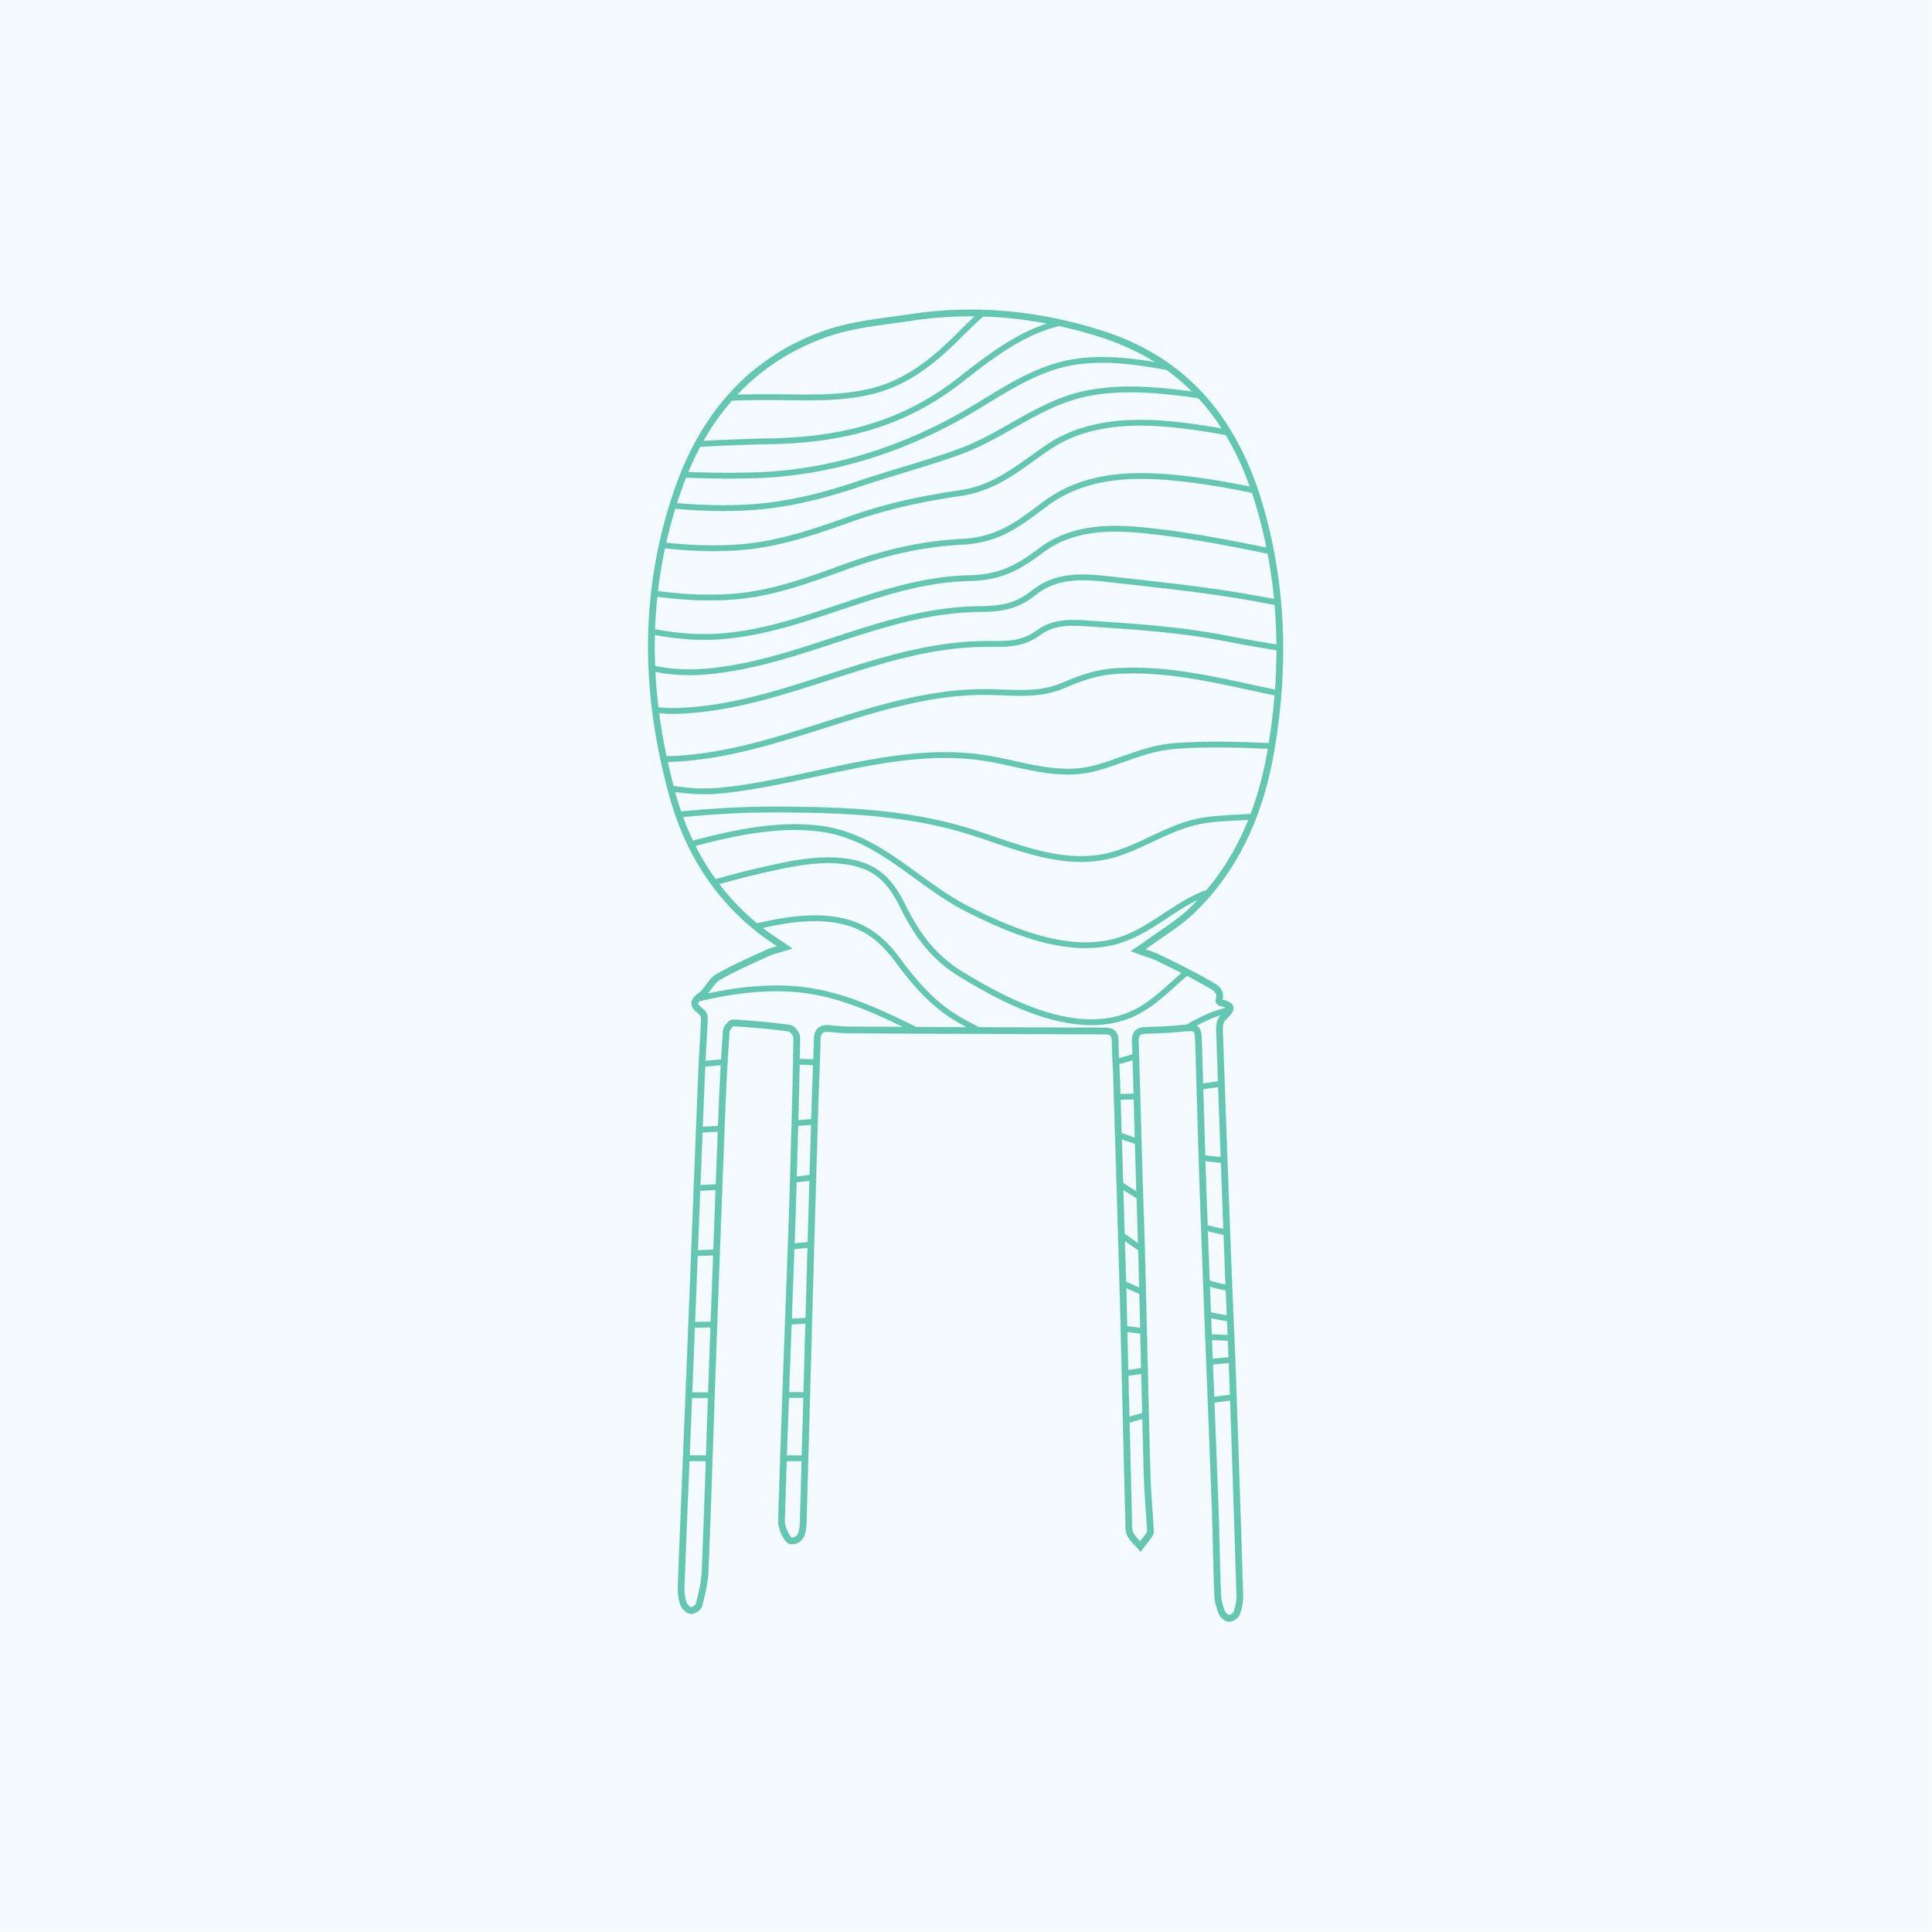 9_lineschair-02.jpg